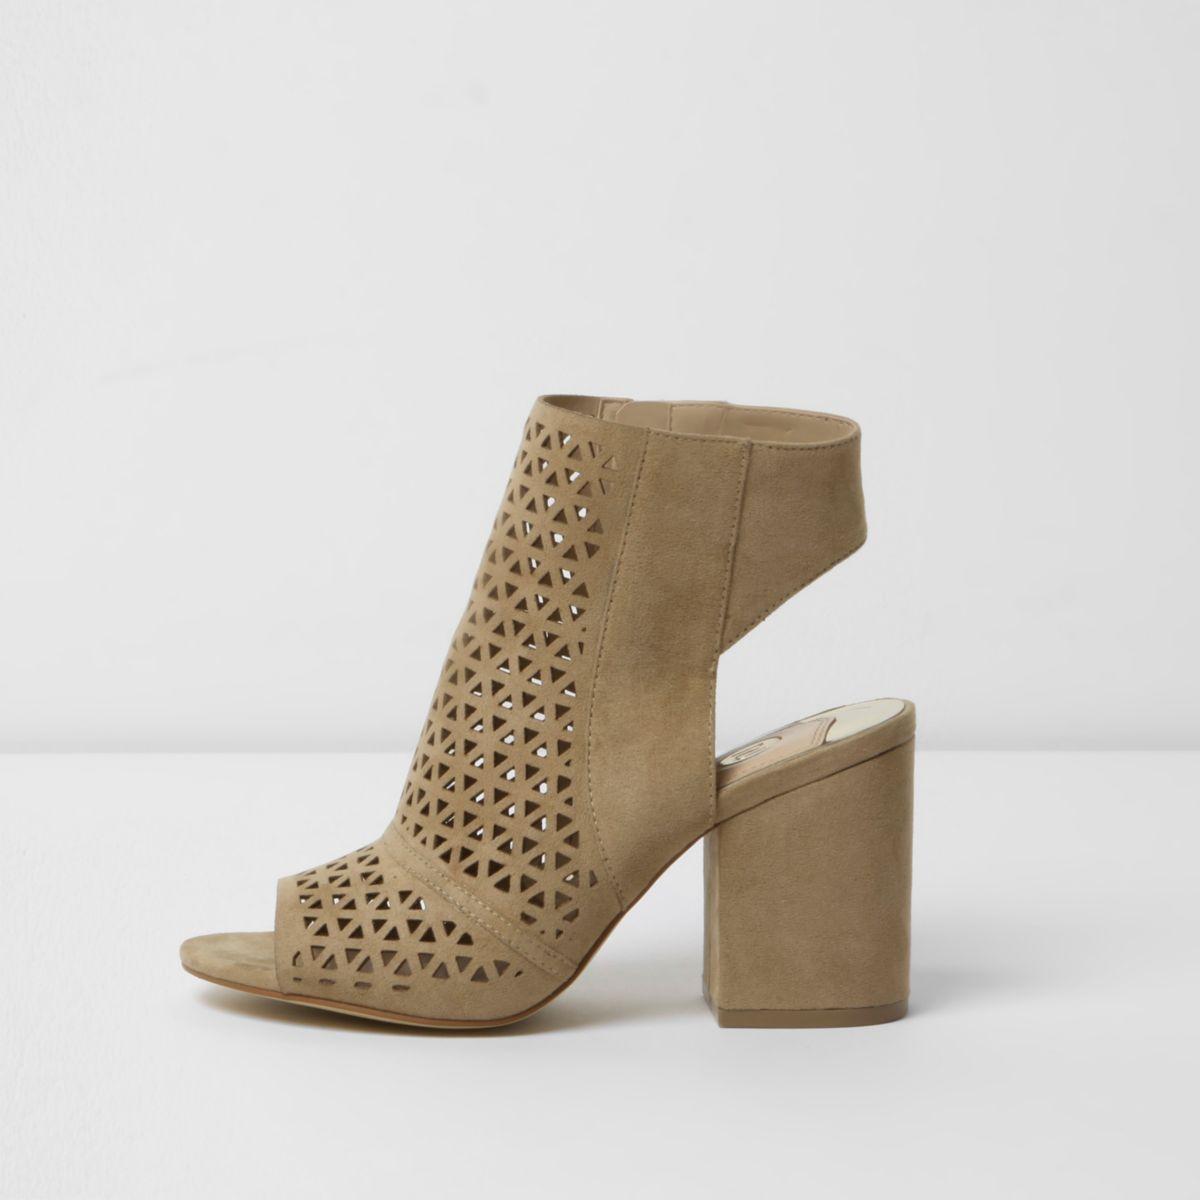 Bottes De Chaussures Coupés Au Laser Beige Avec Peeptoe sDuWA36